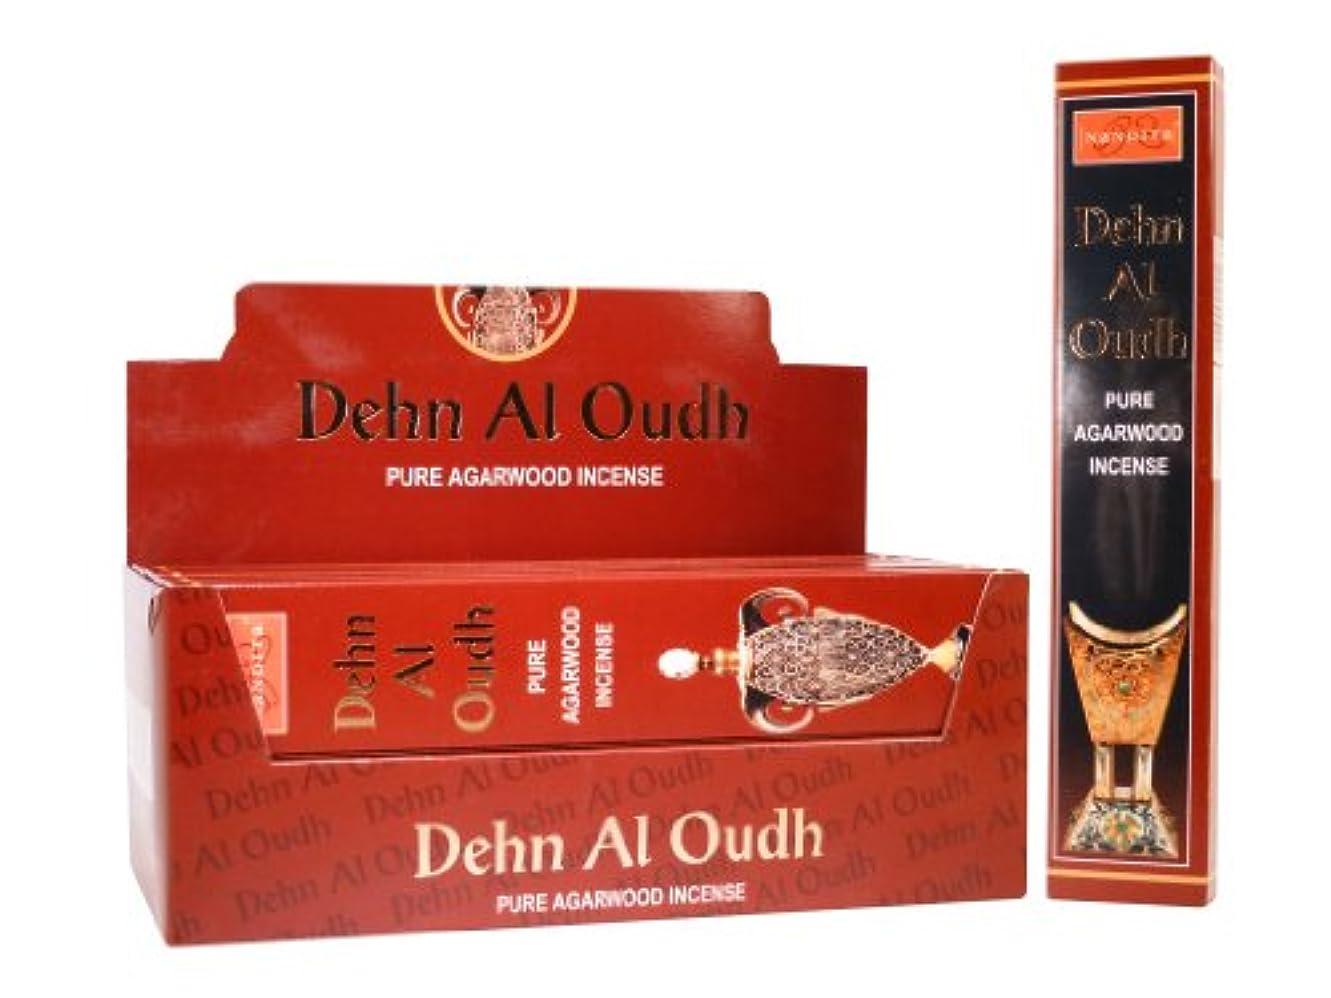 抑圧スクリーチふけるNandita Dehn Al Oudh Pure Agarwood Incense Sticks – 15 Gボックス レッド